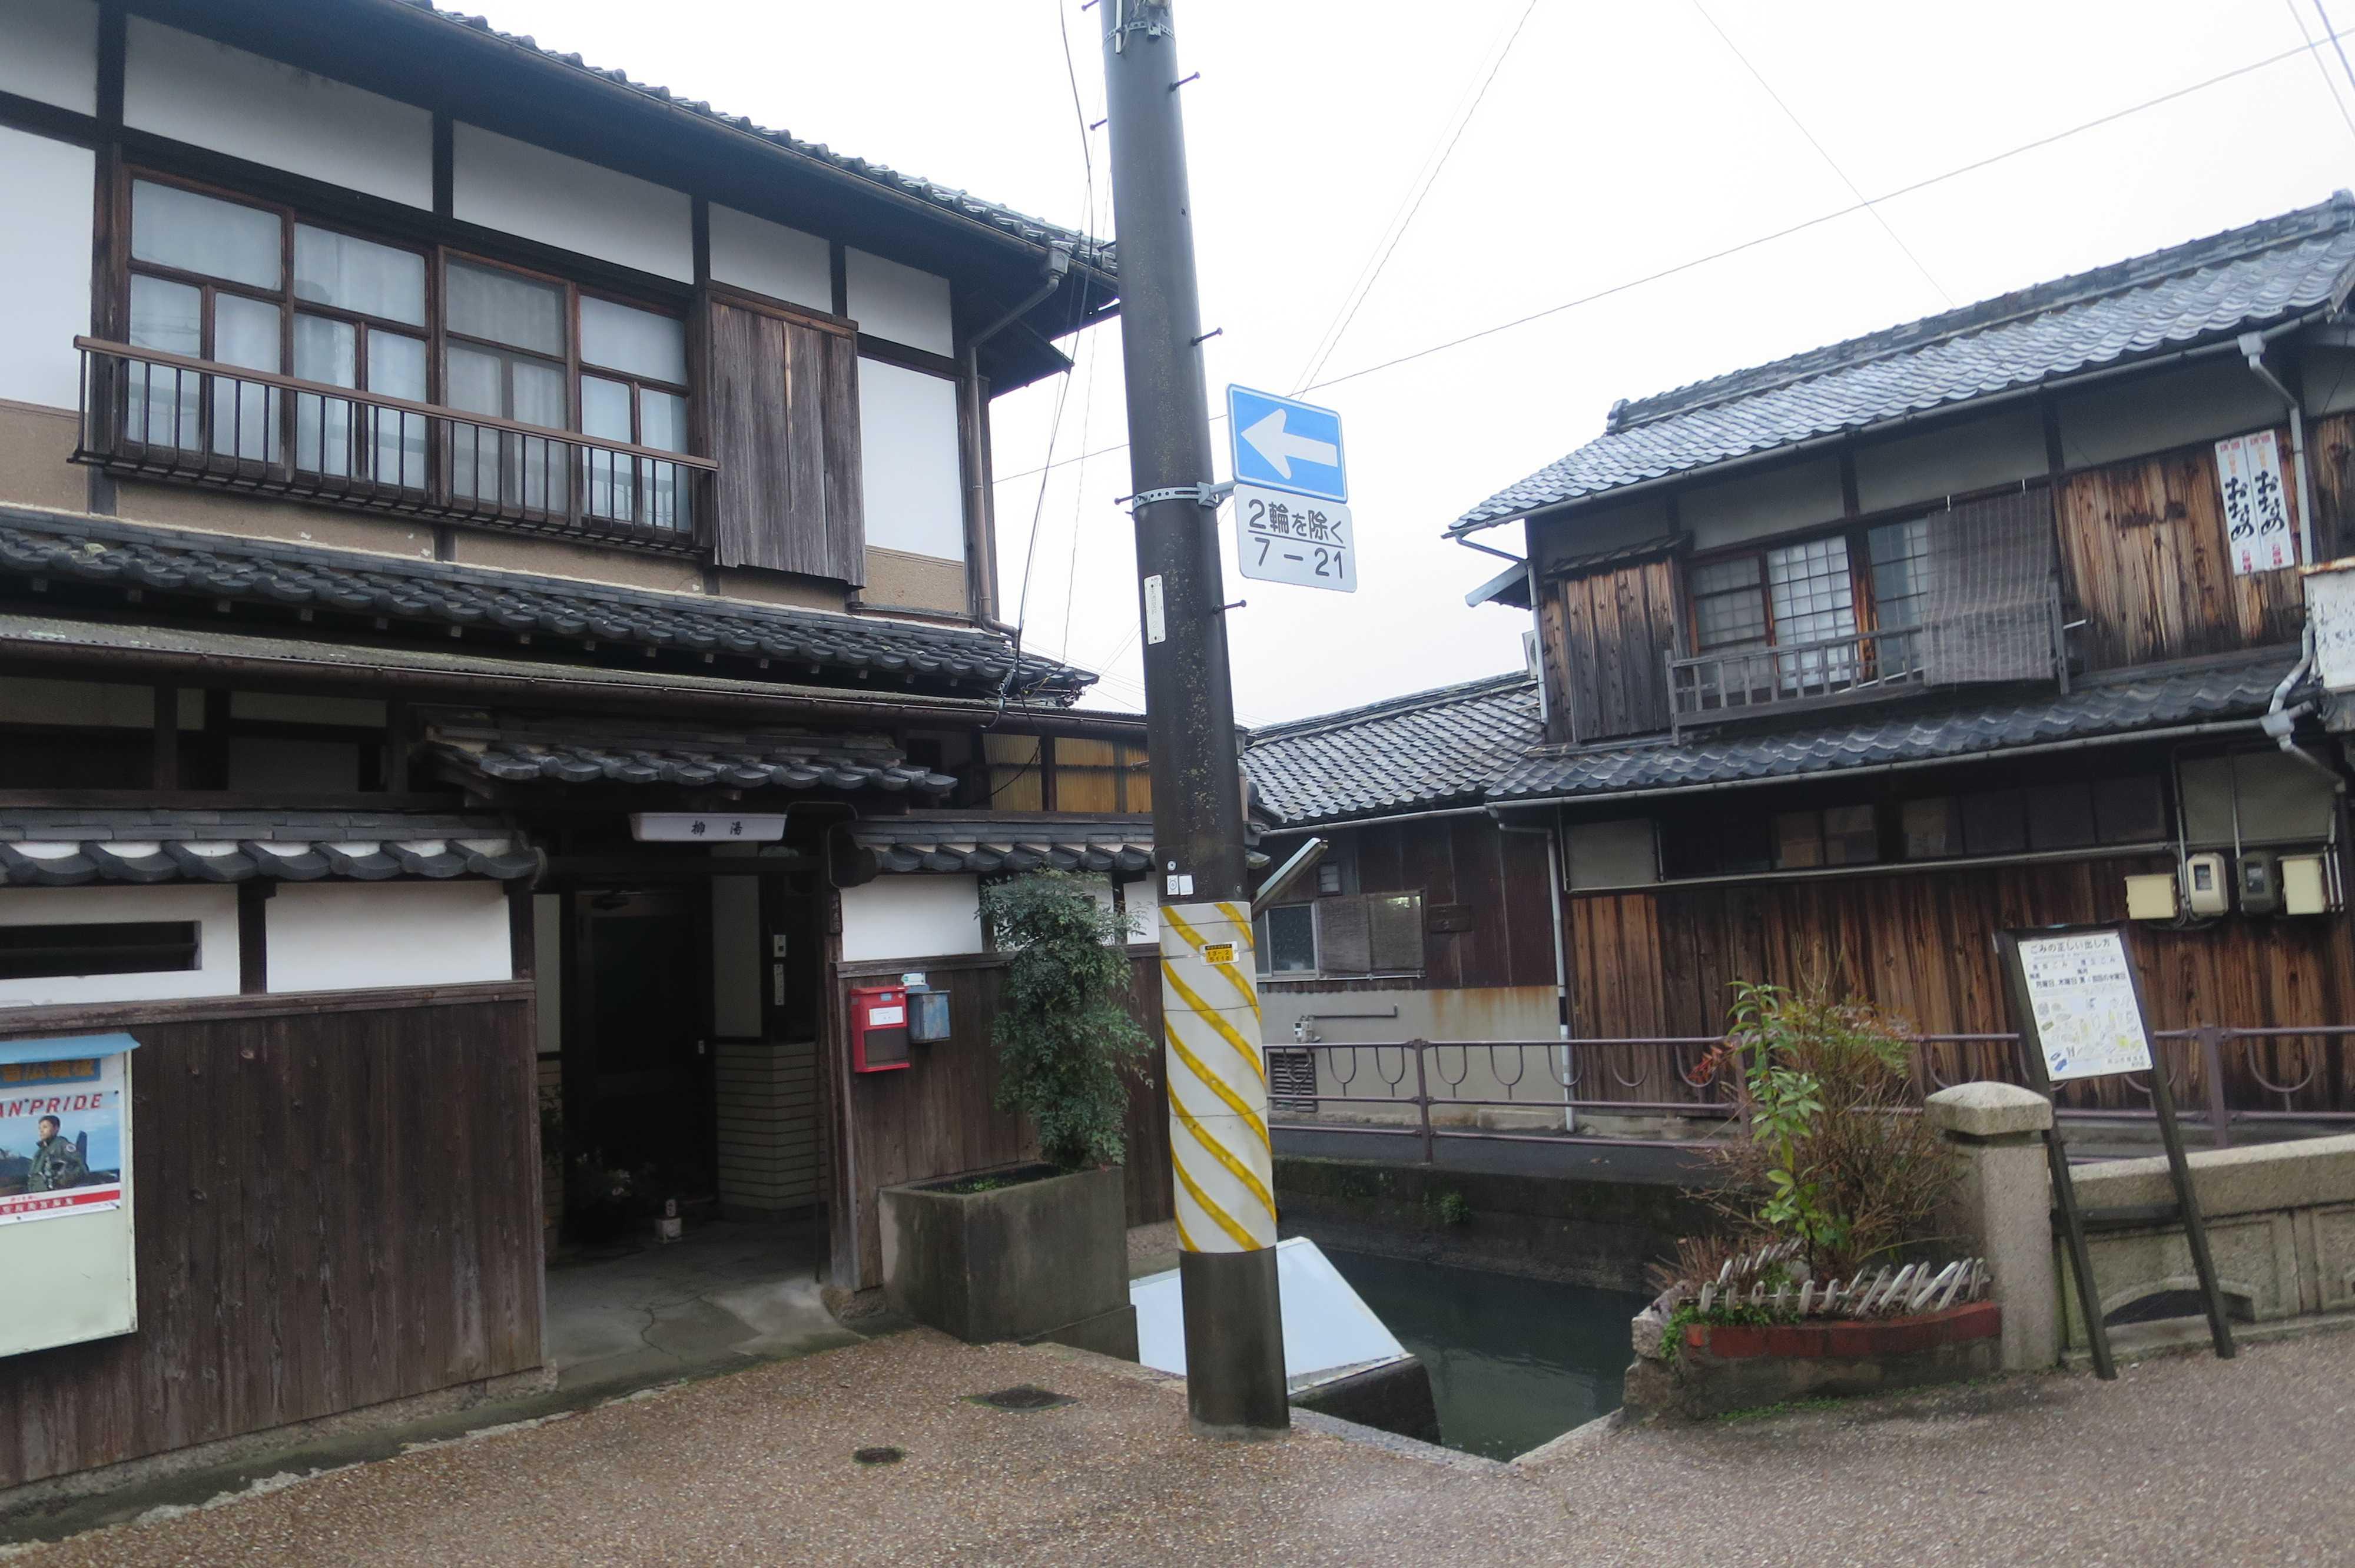 西大寺 - 懐かしい感じの木造の家